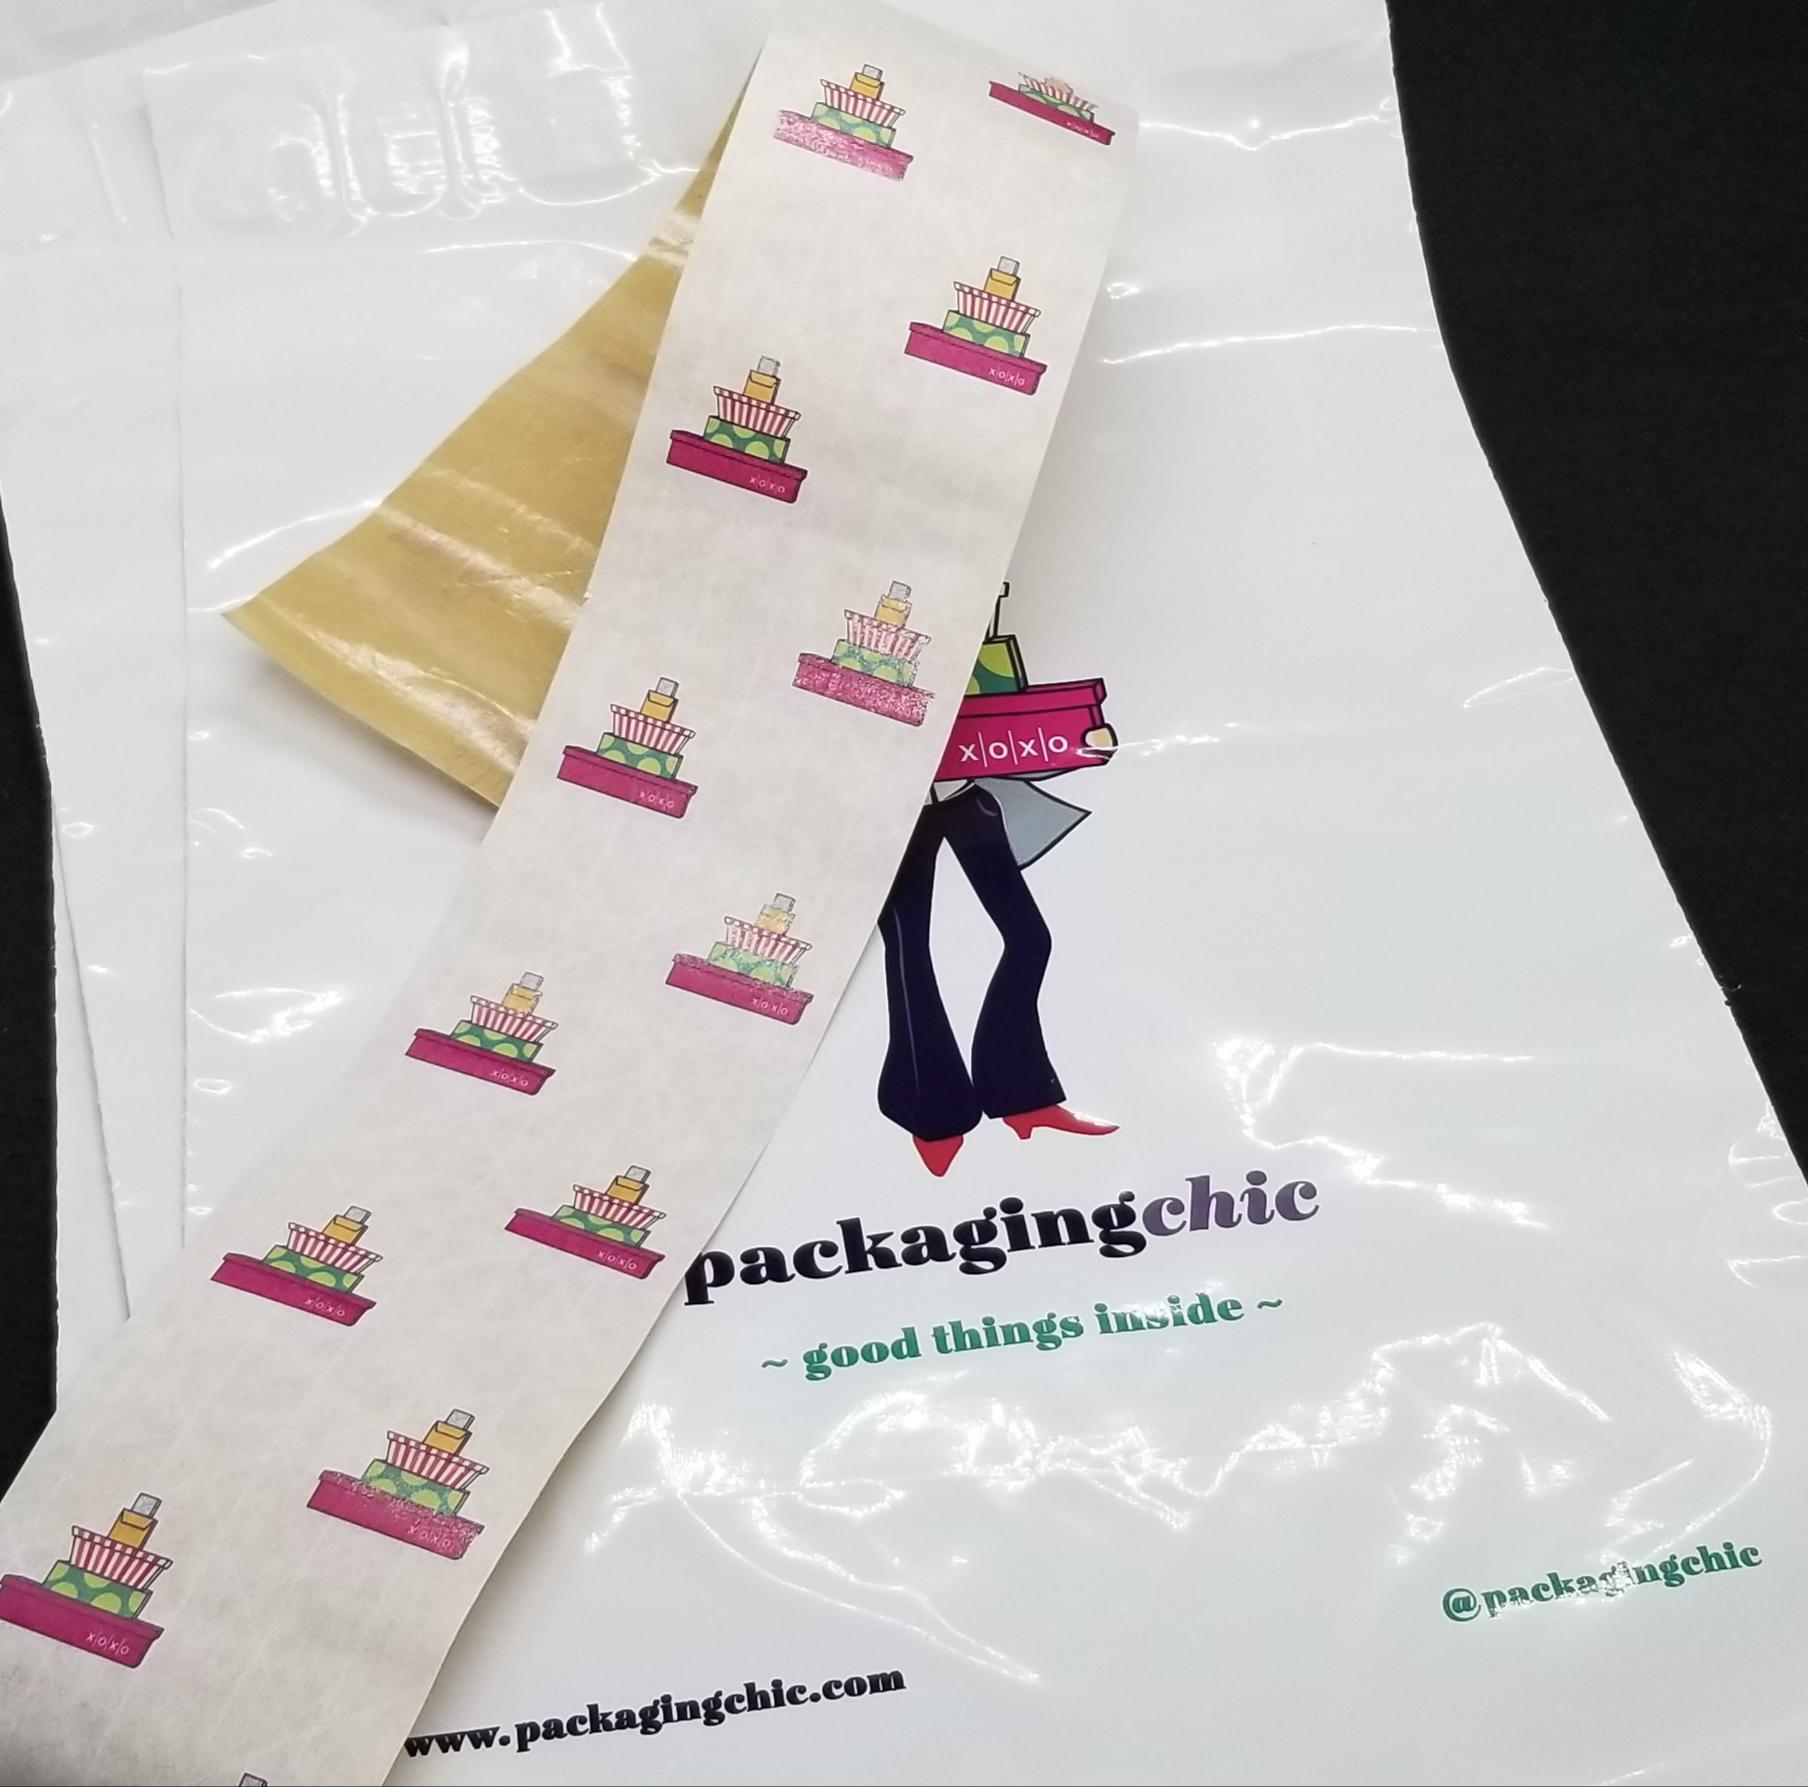 2018-08-25 12.29.57-2 packaging chic packaging.jpg